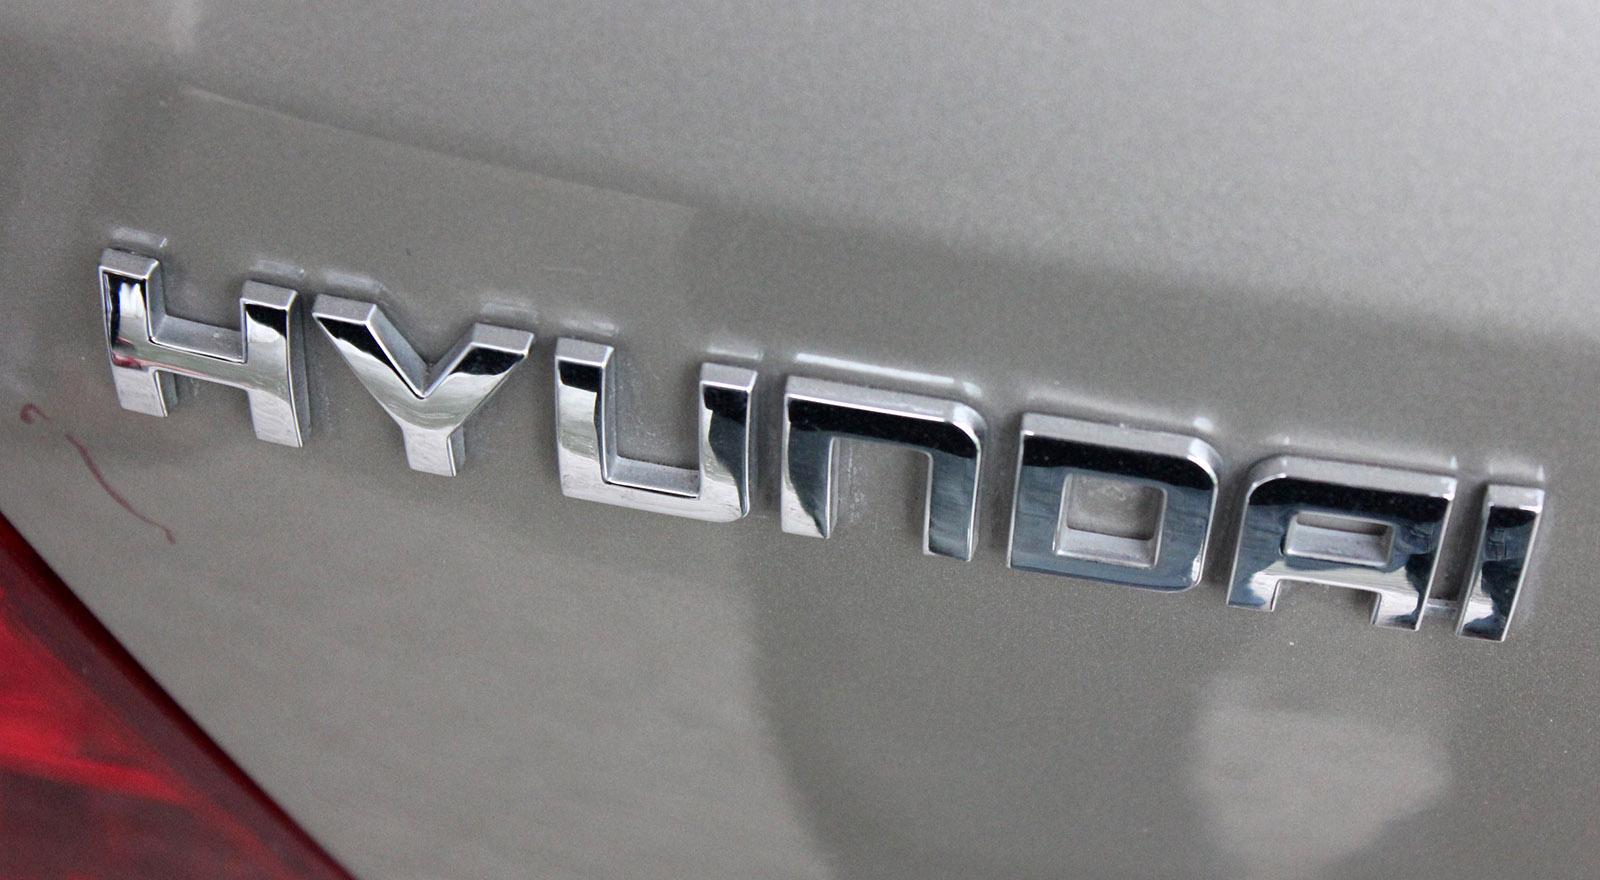 hyundai logo badging